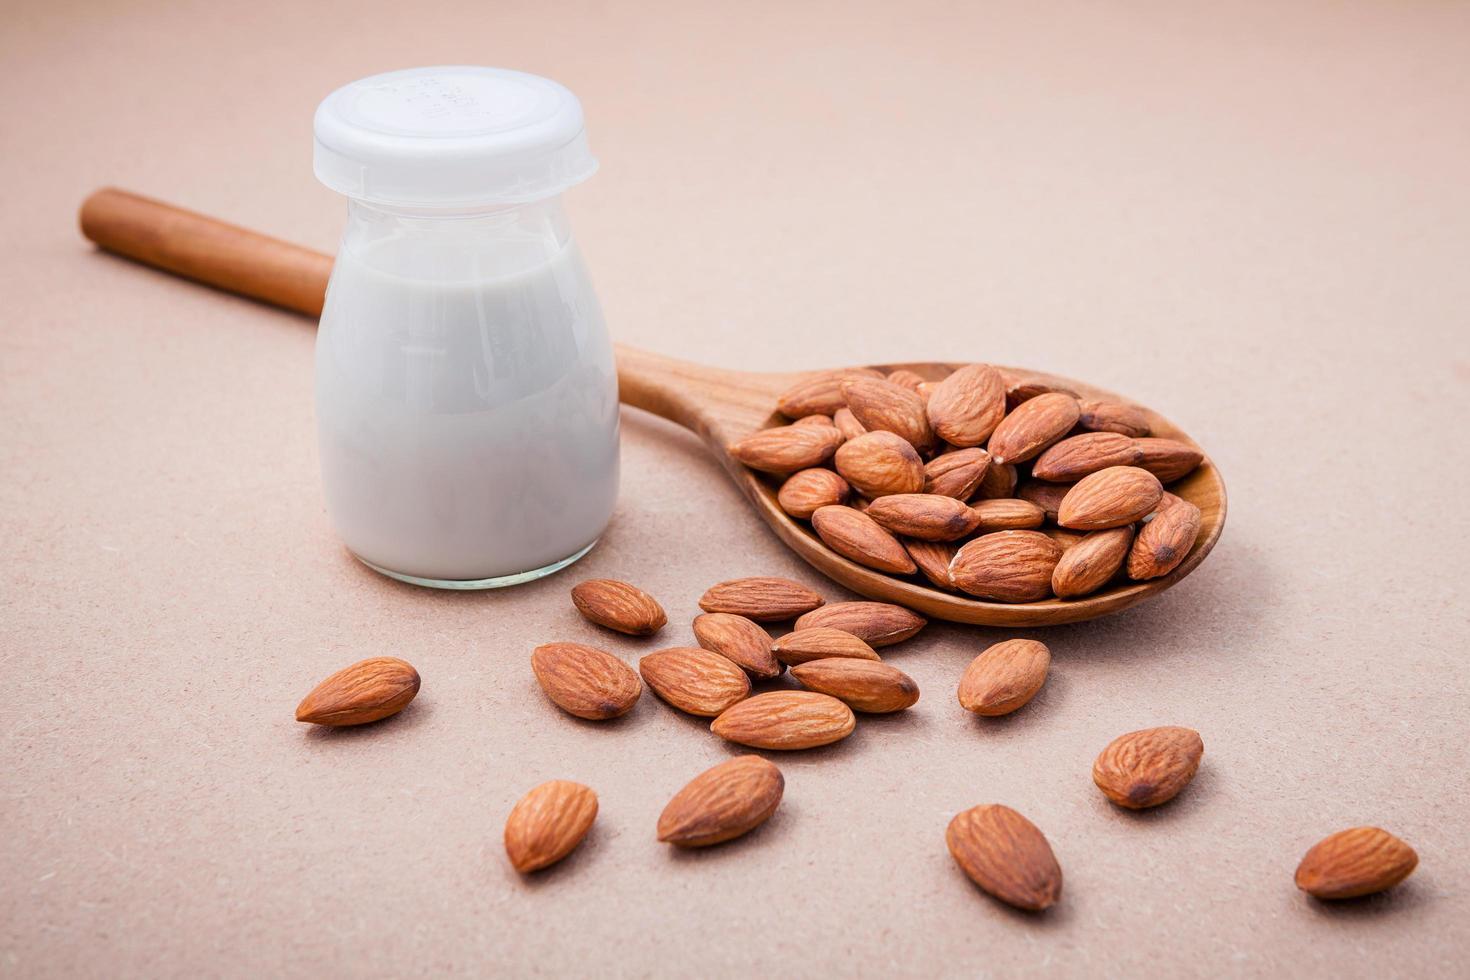 Almond milk in a bottle photo